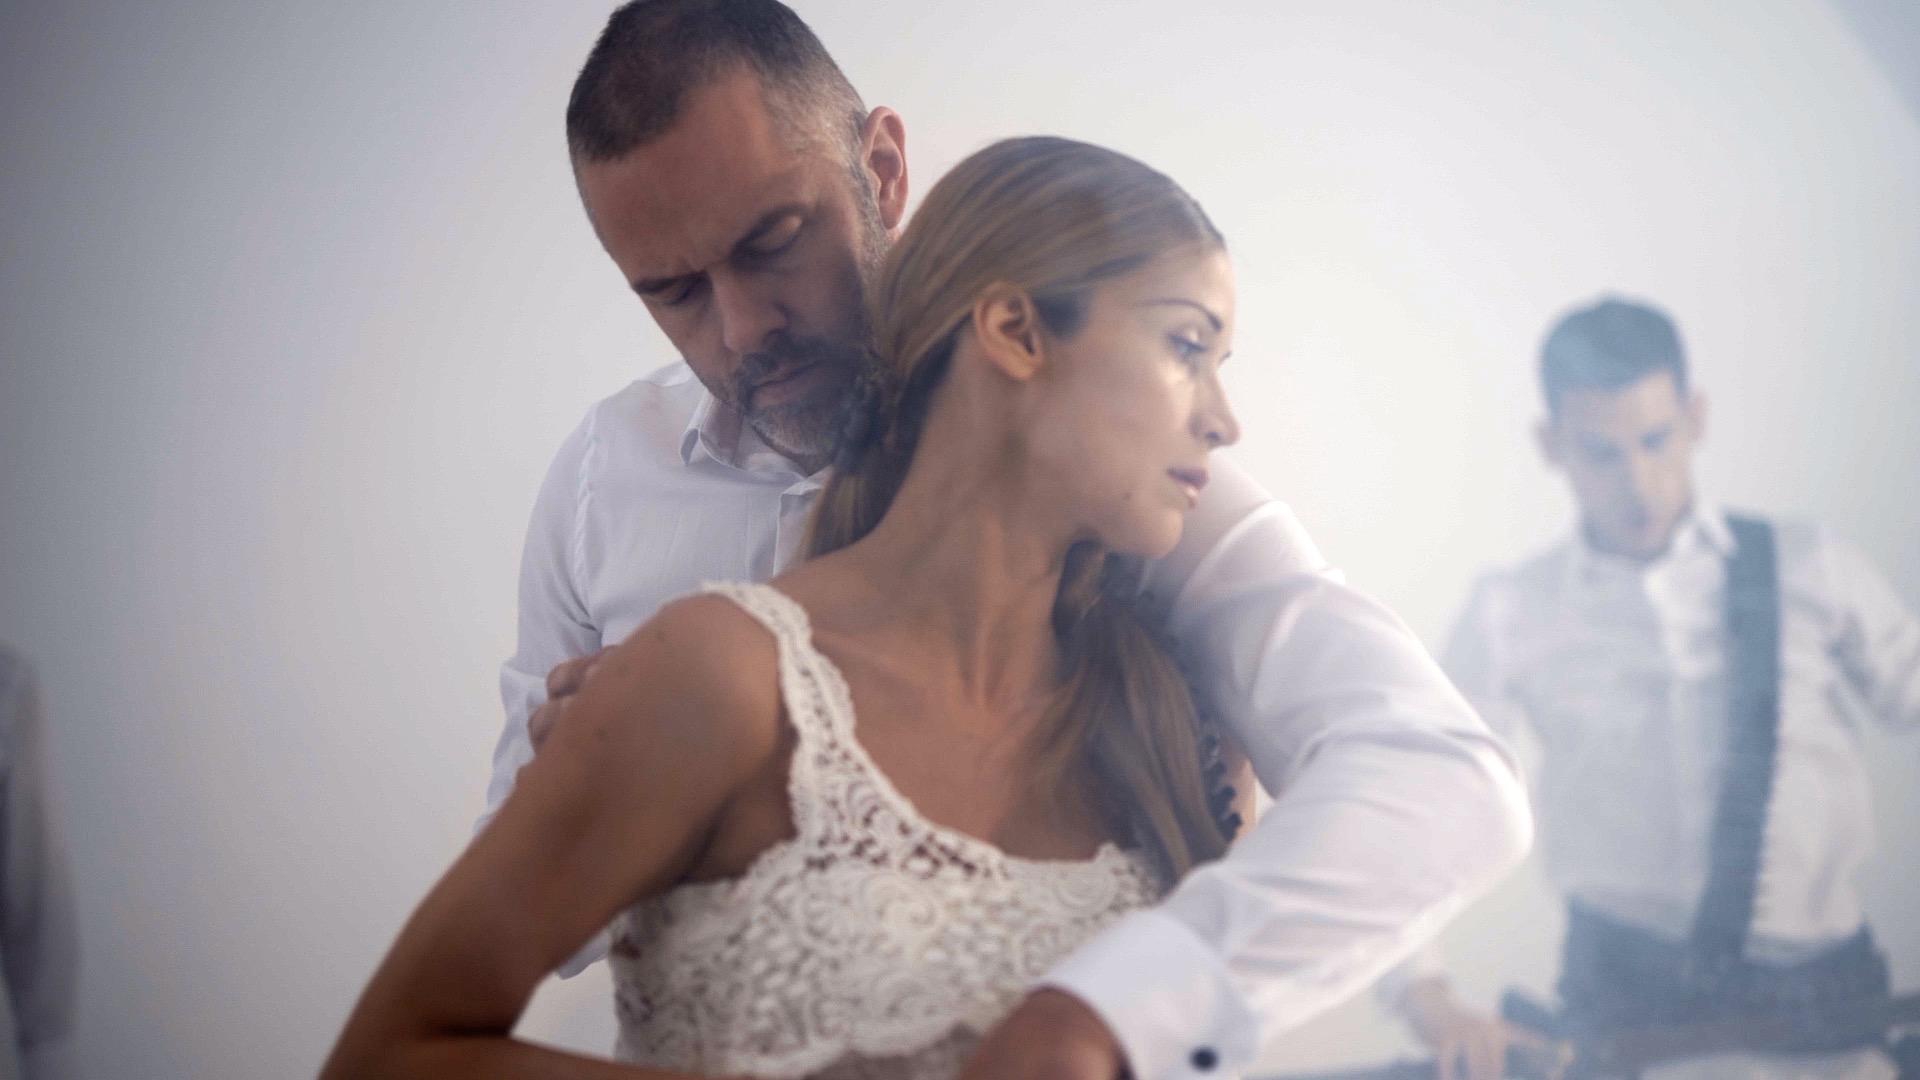 Ο Άρης Μπινιάρης γράφει και σκηνοθετεί τον Χορό της Φωτιάς